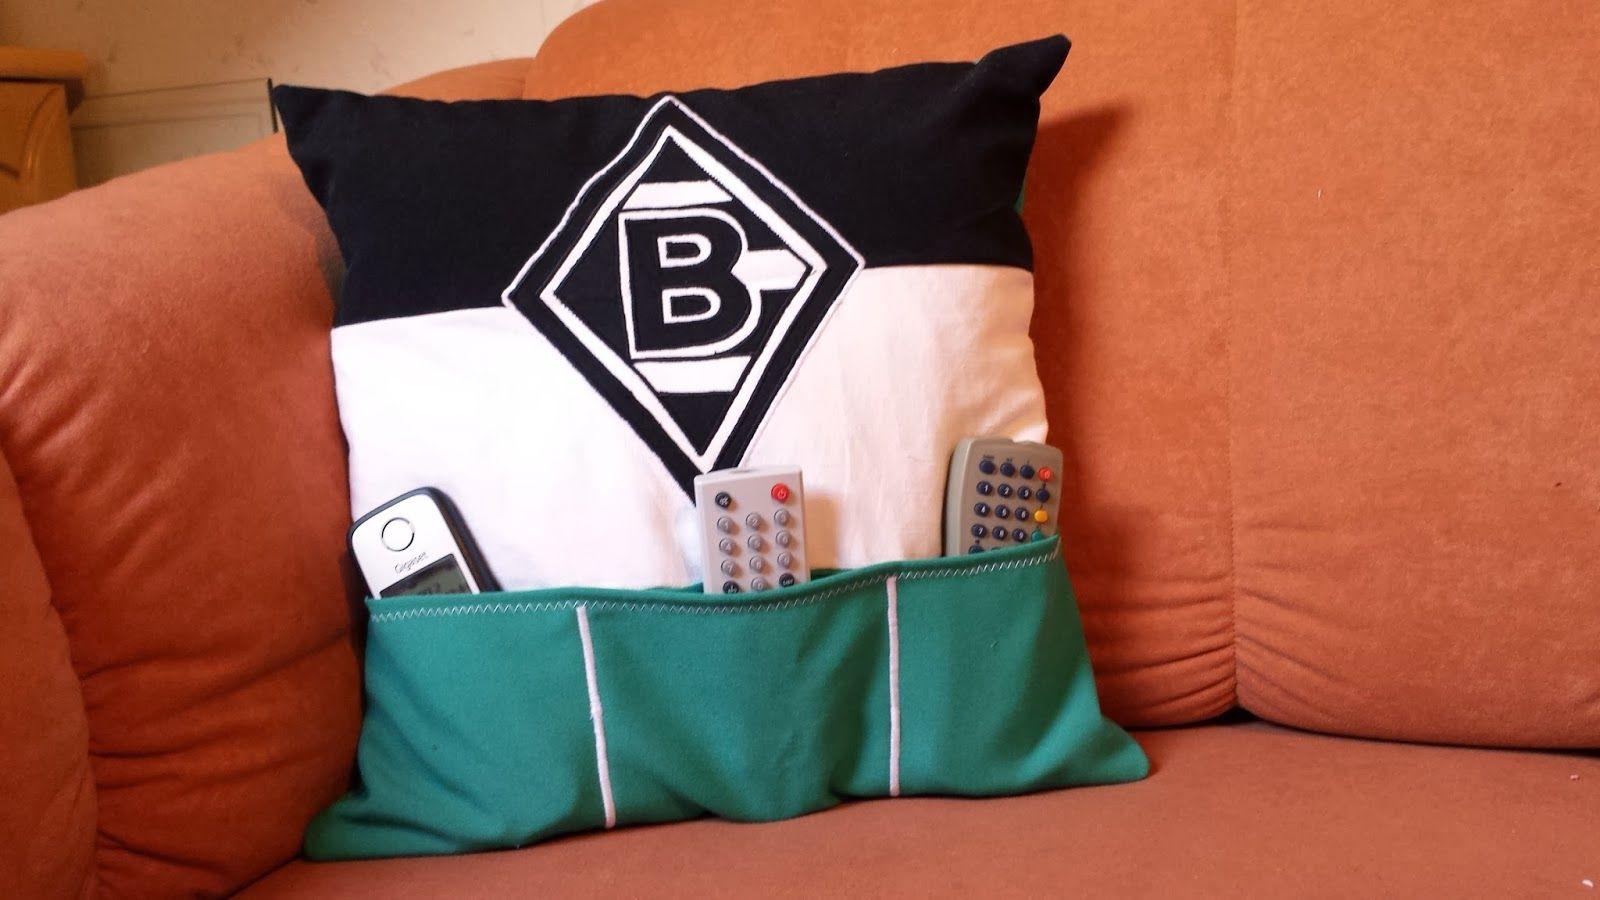 fernbedienungskissen kissenbezug mit taschen f r die fernbedienung n hen daniel ideen. Black Bedroom Furniture Sets. Home Design Ideas